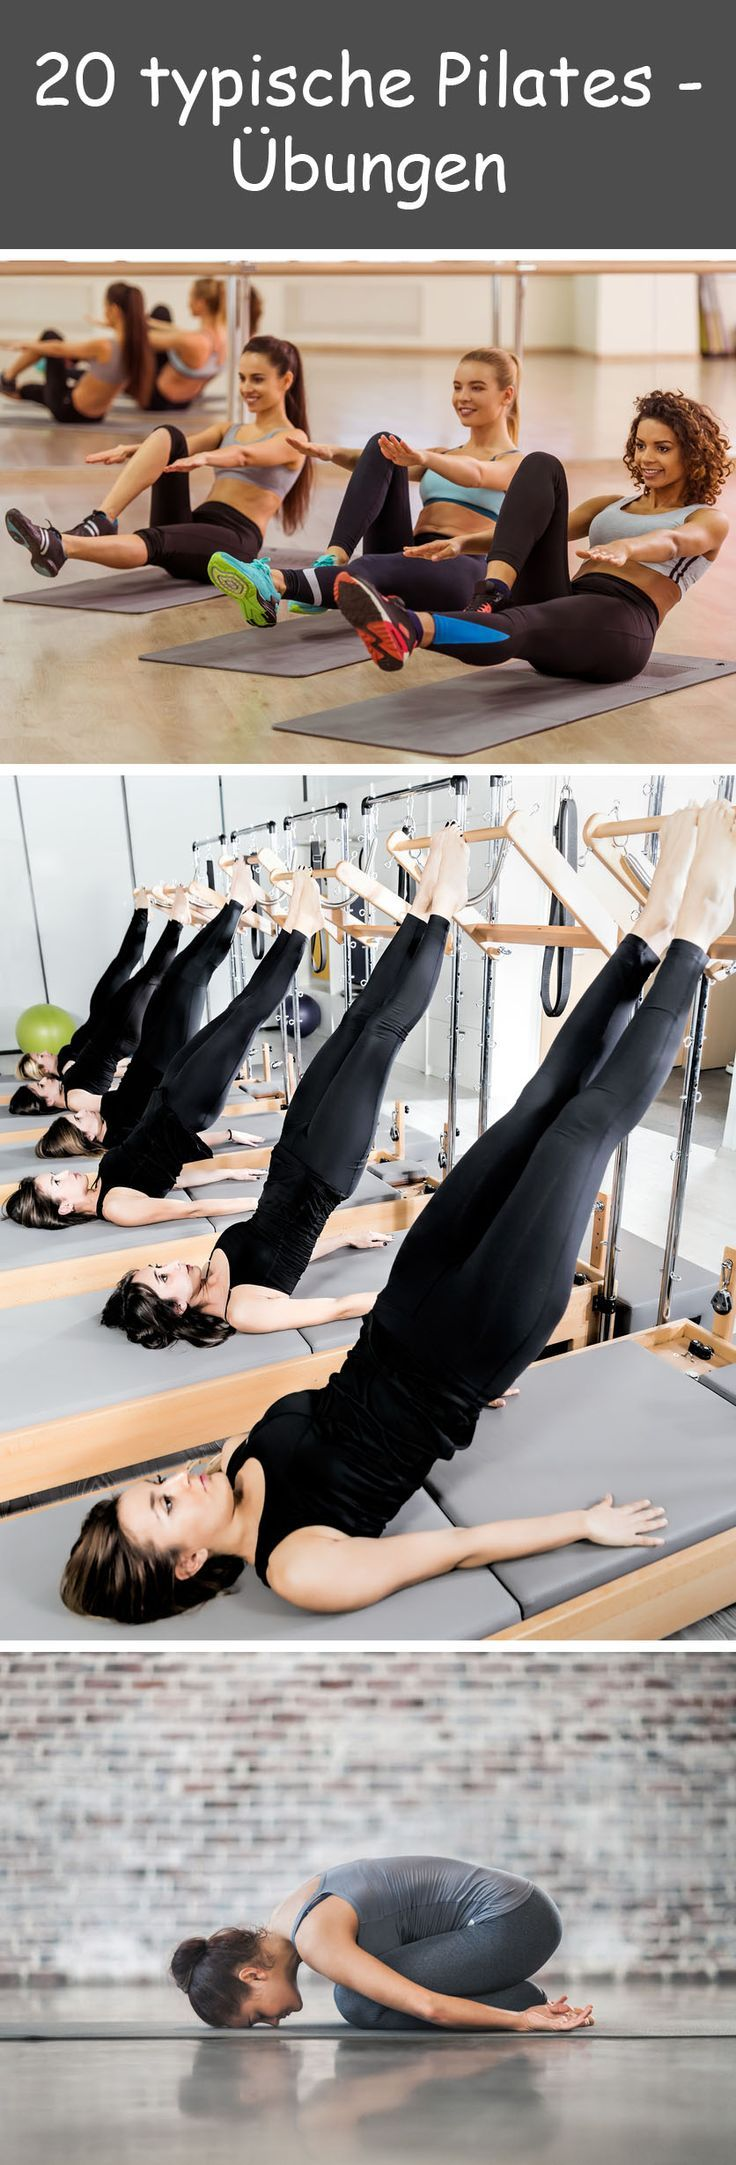 Turnen nach Joseph Pilates steigert Koordination und Kraft, verbessert die Haltung und soll flexibler machen. Dazu sorgen die Übungen mit jeder Menge Körperspannung für kräftige, schlanke Muskeln. Unsere Bilderstrecke gibt ihnen einen Einblick, wie das Pilates-Training aussieht.  #pilates #übungen #turnen #gesund #fitness